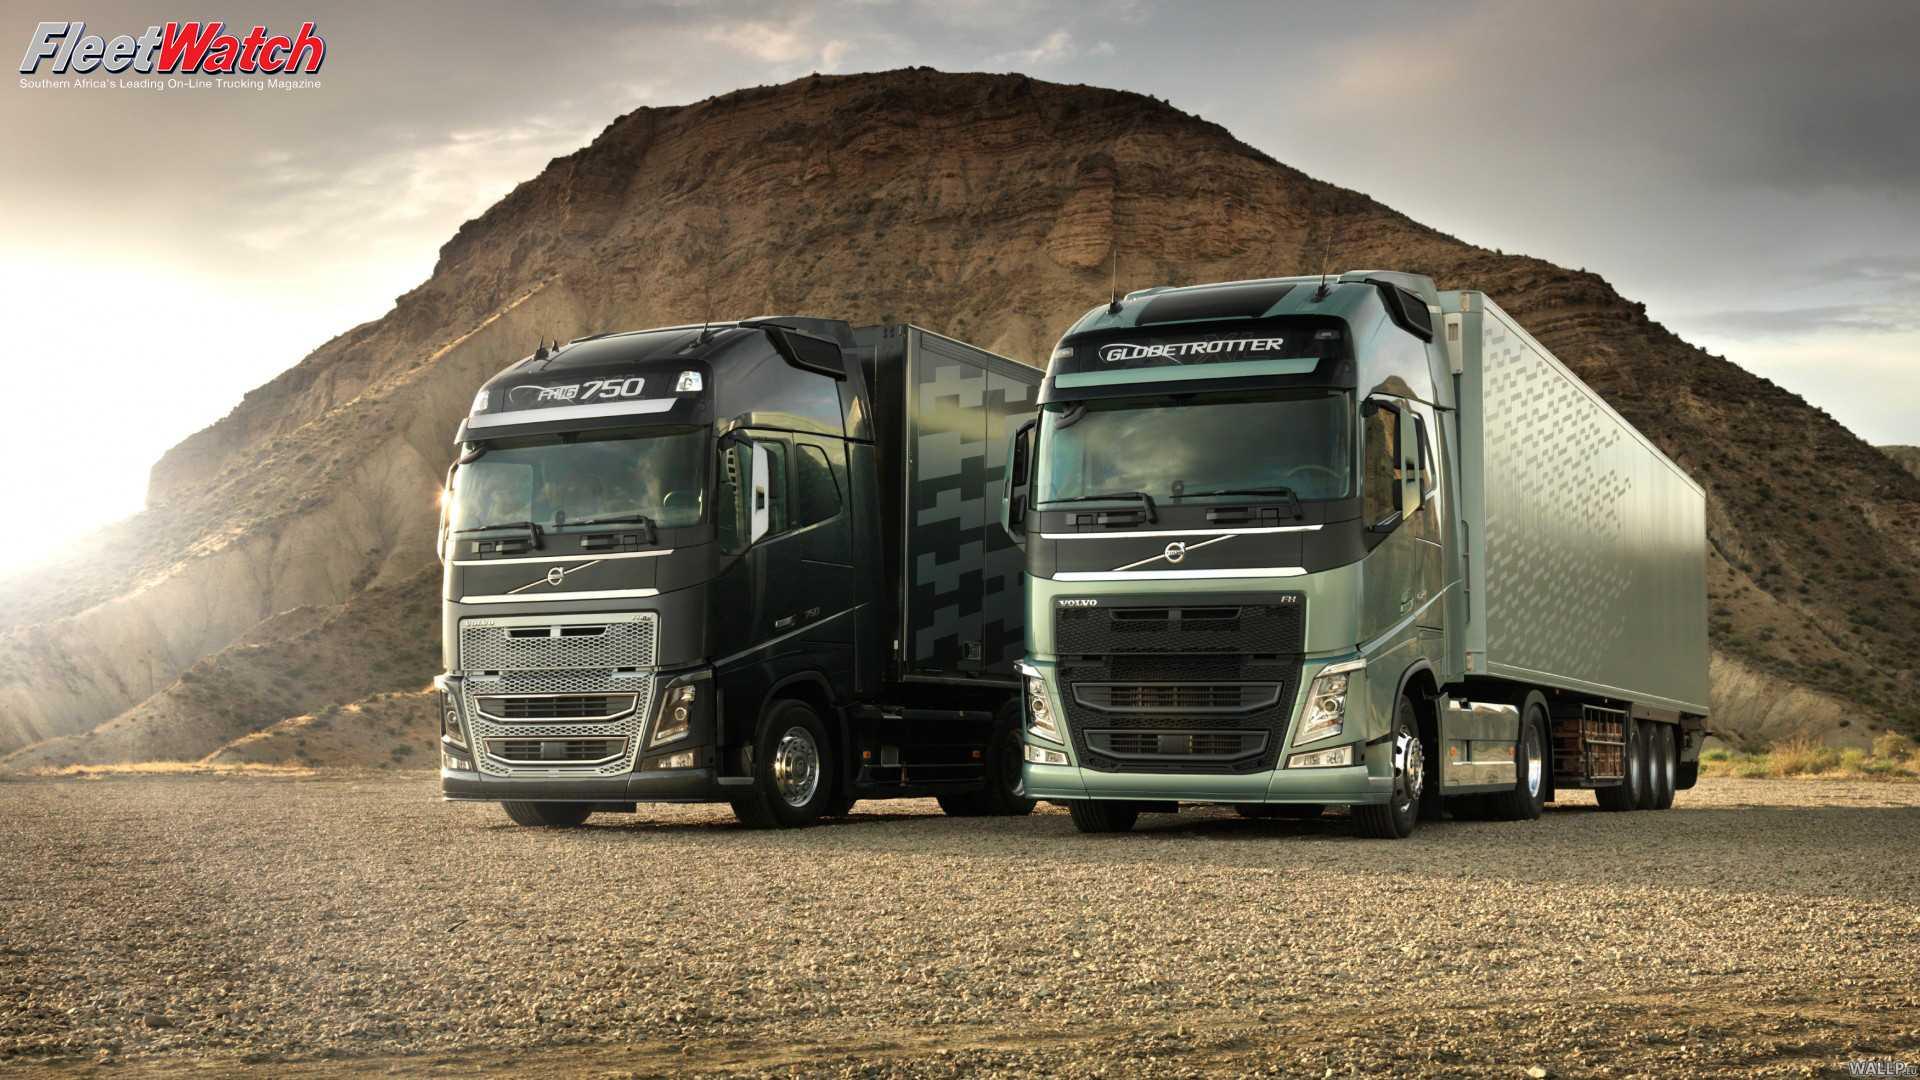 truck hd x wallpaper - photo #34